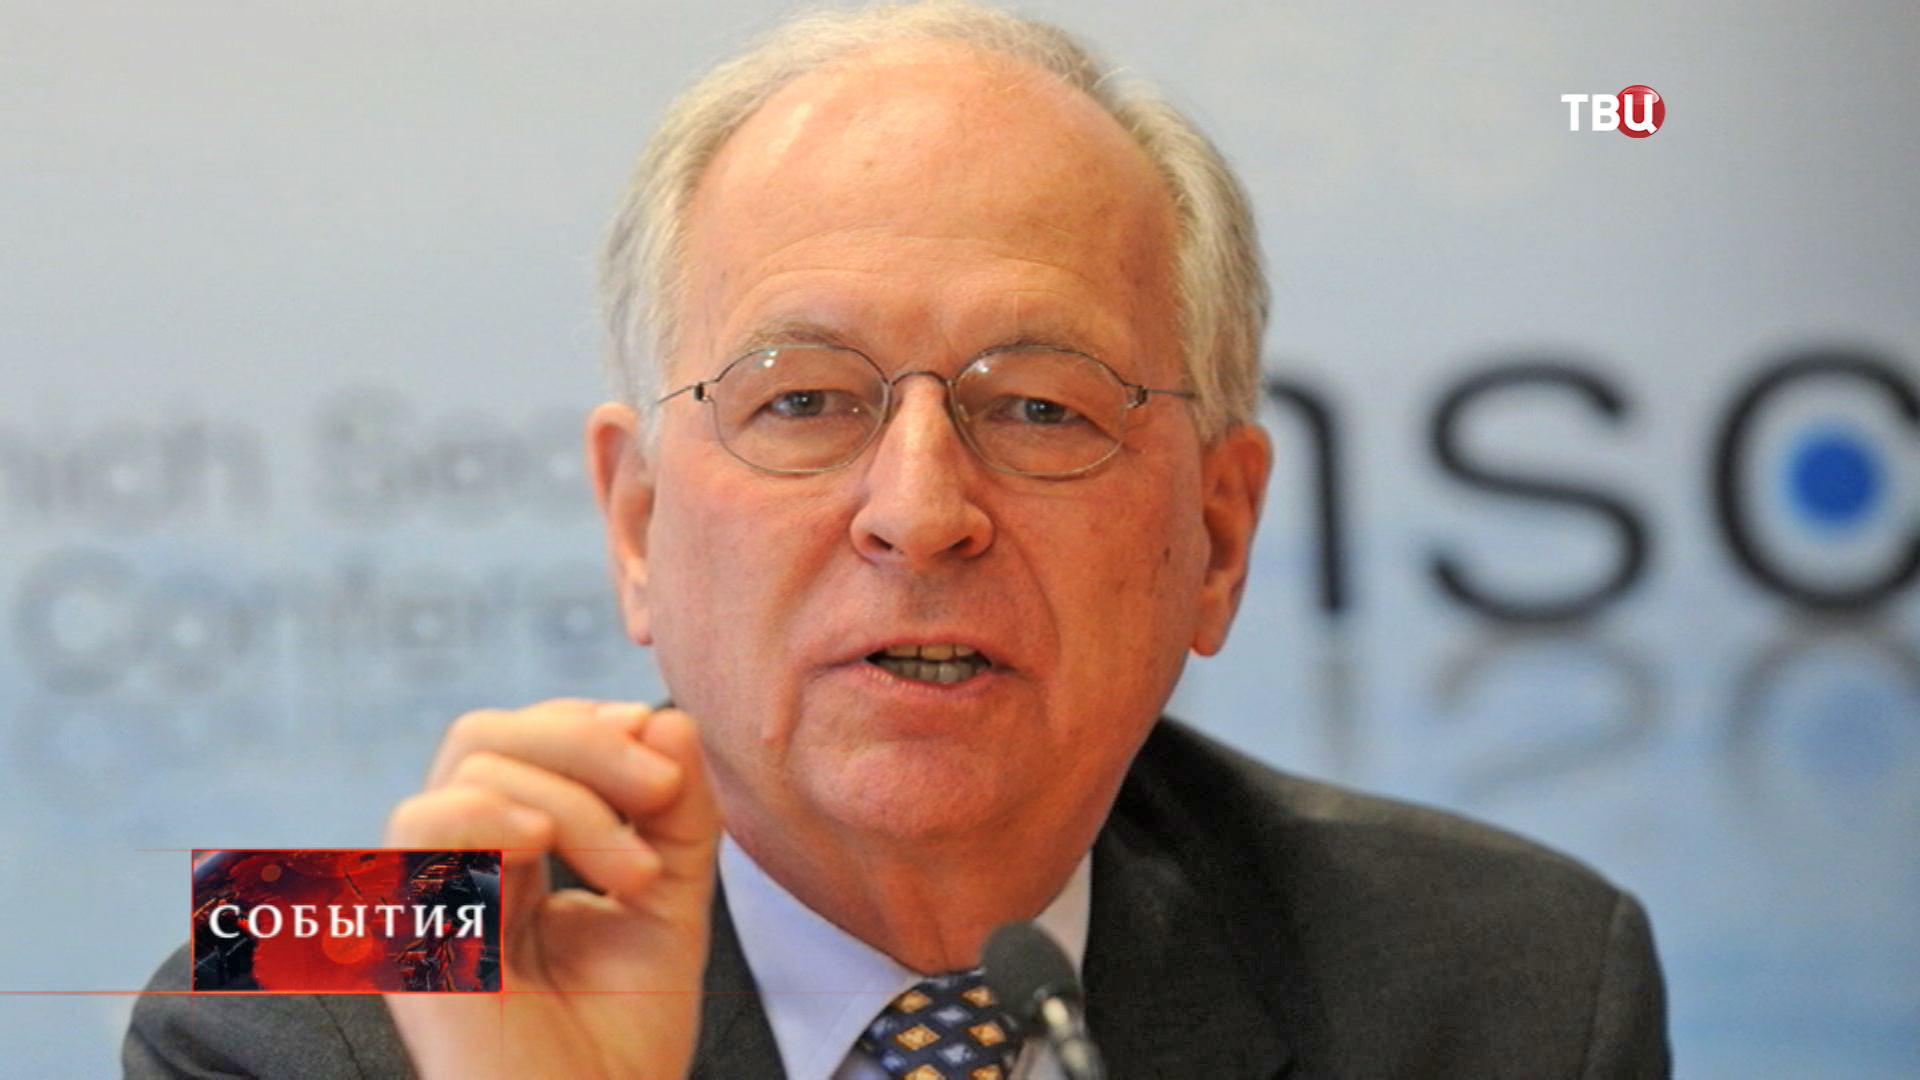 Экс-представитель ЕС по Косово Вольфганг Ишингер